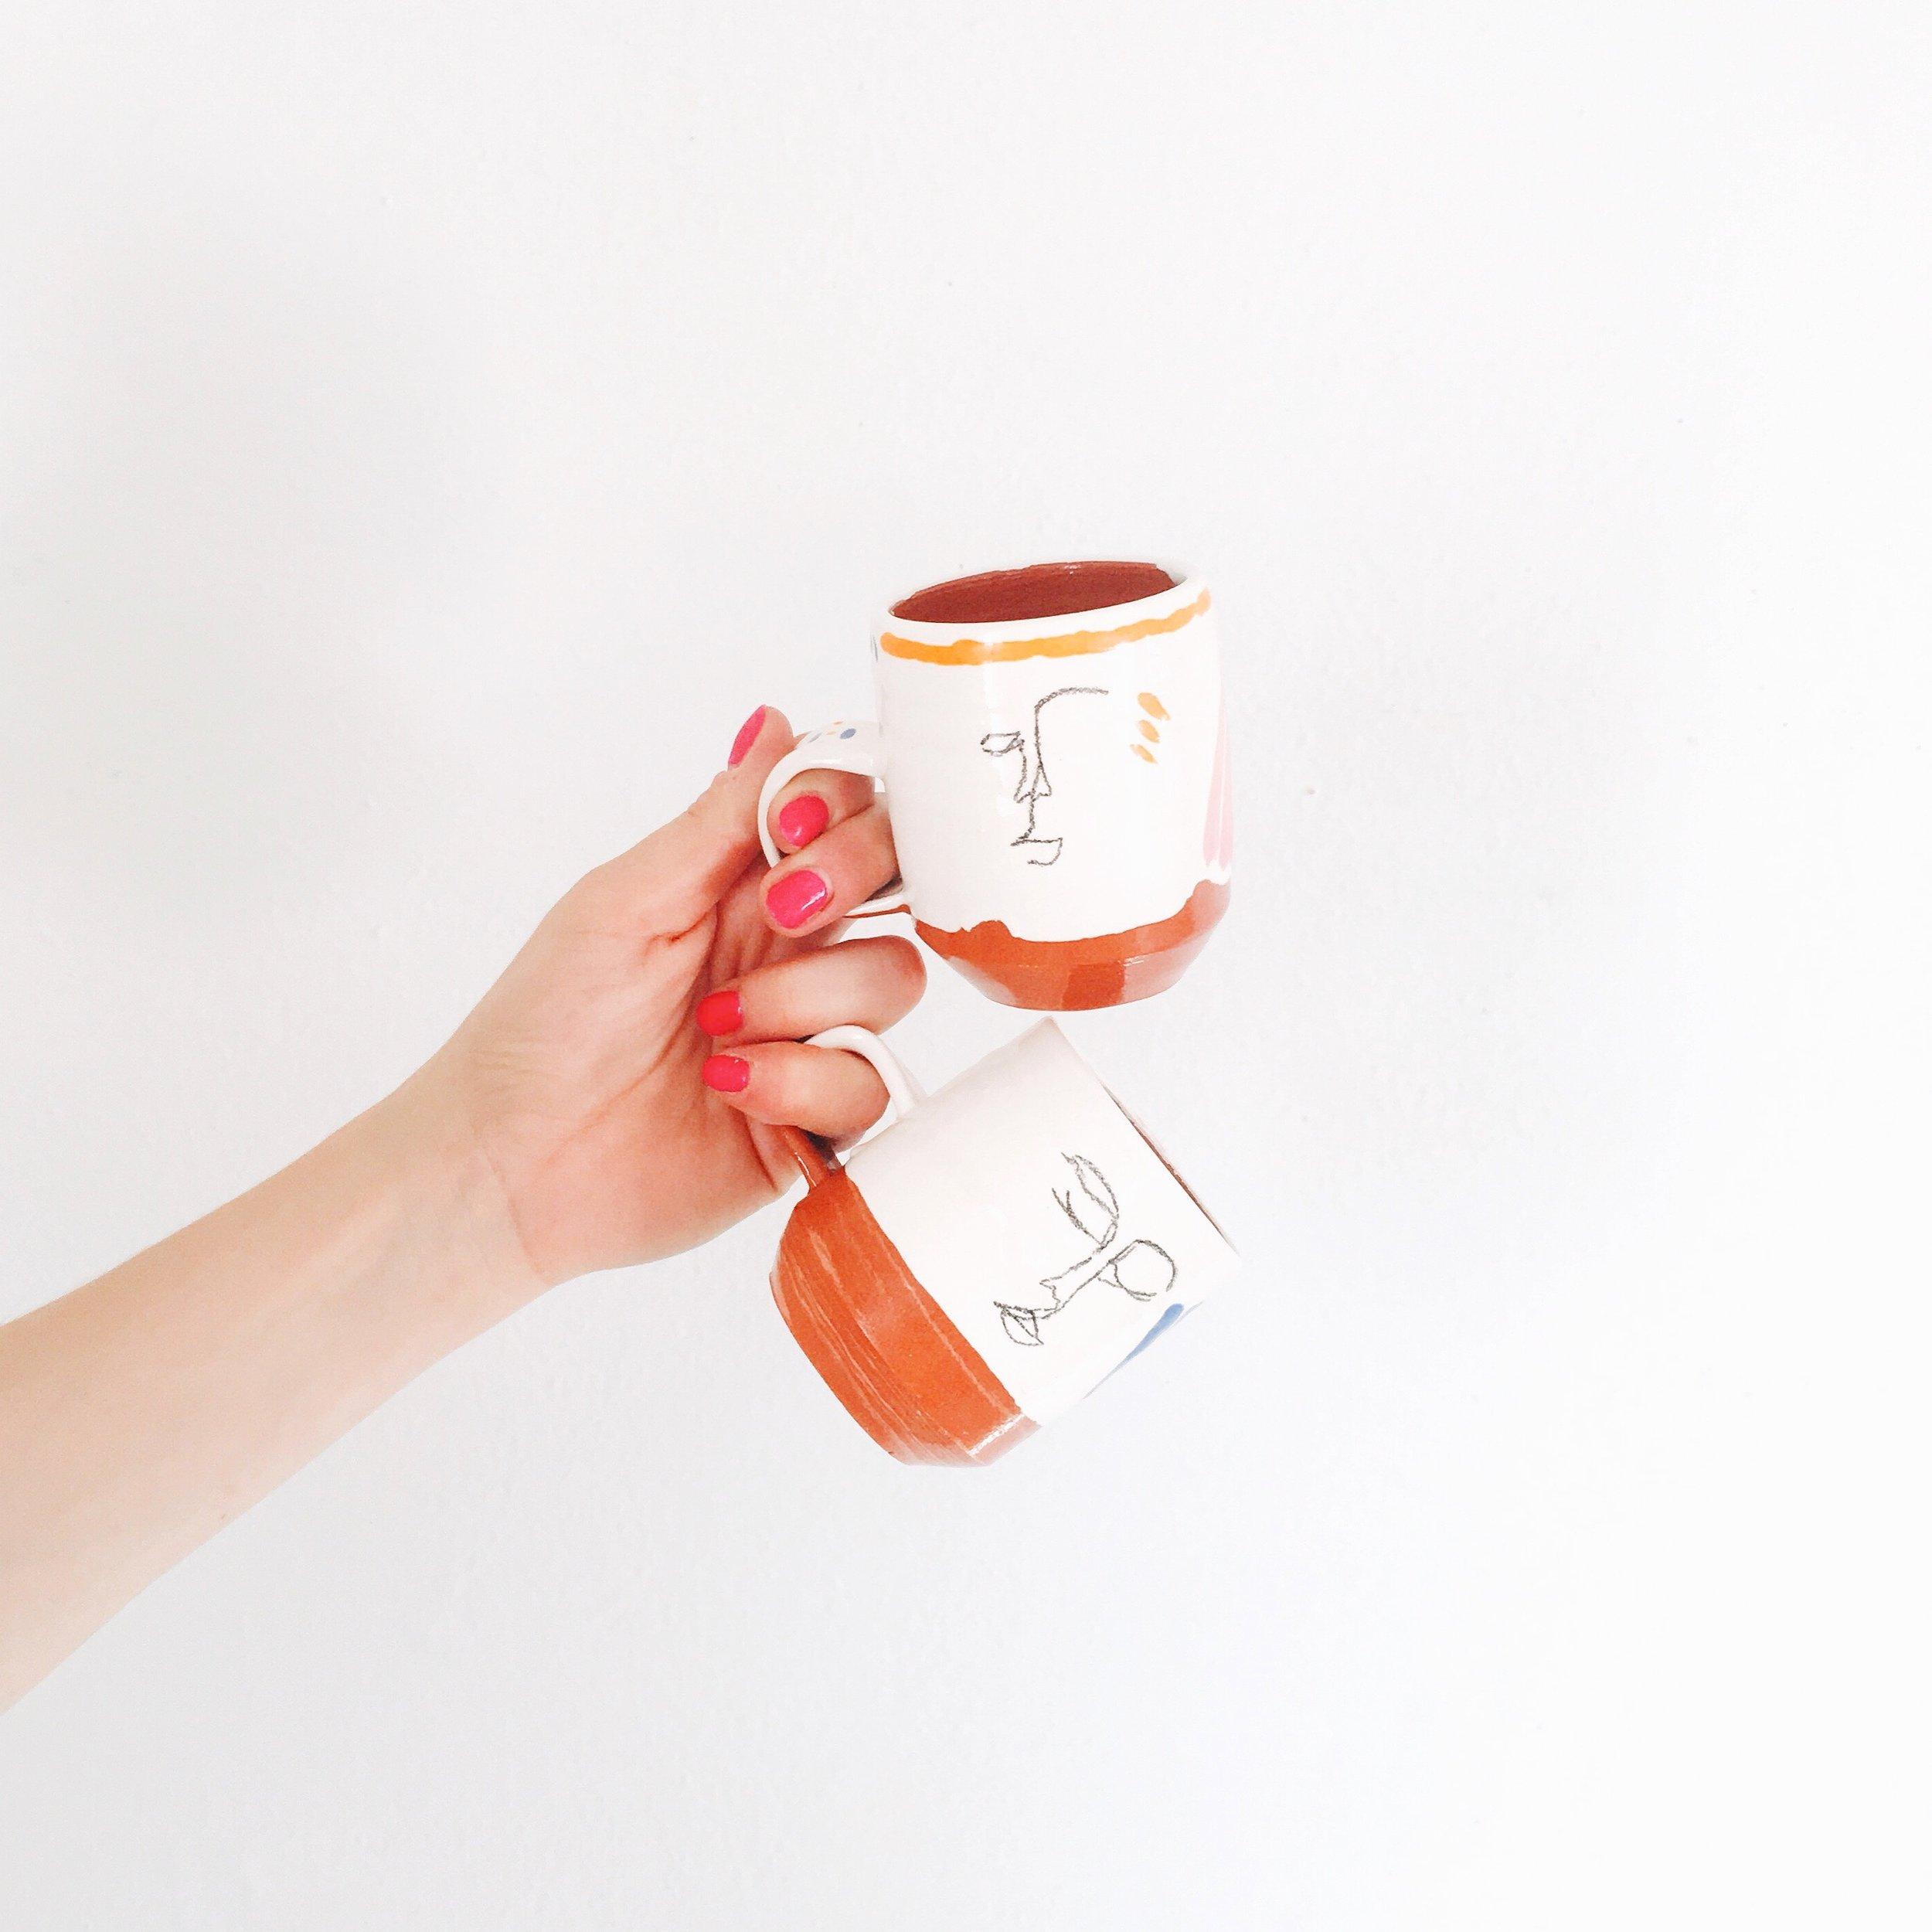 leslie-glenn-She-ceramics-5.JPG